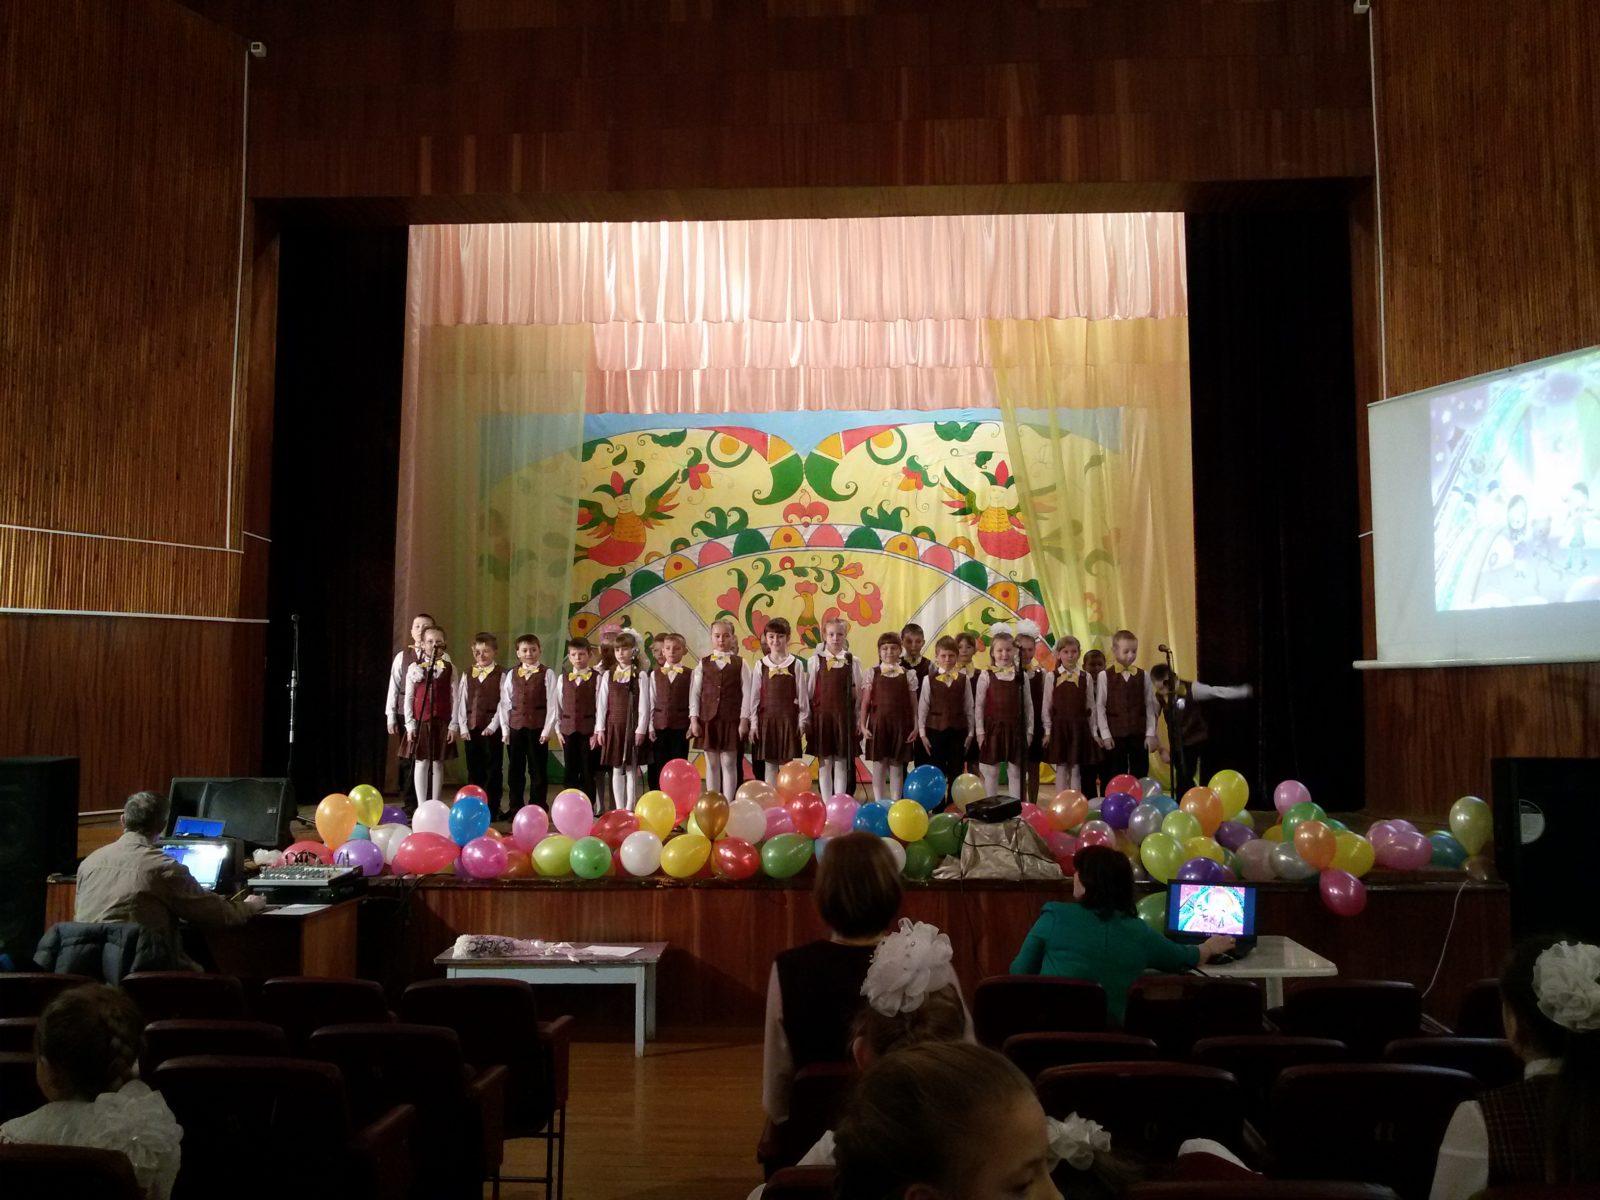 Музыка в общеобразовательной школе. Заметки учителя музыки